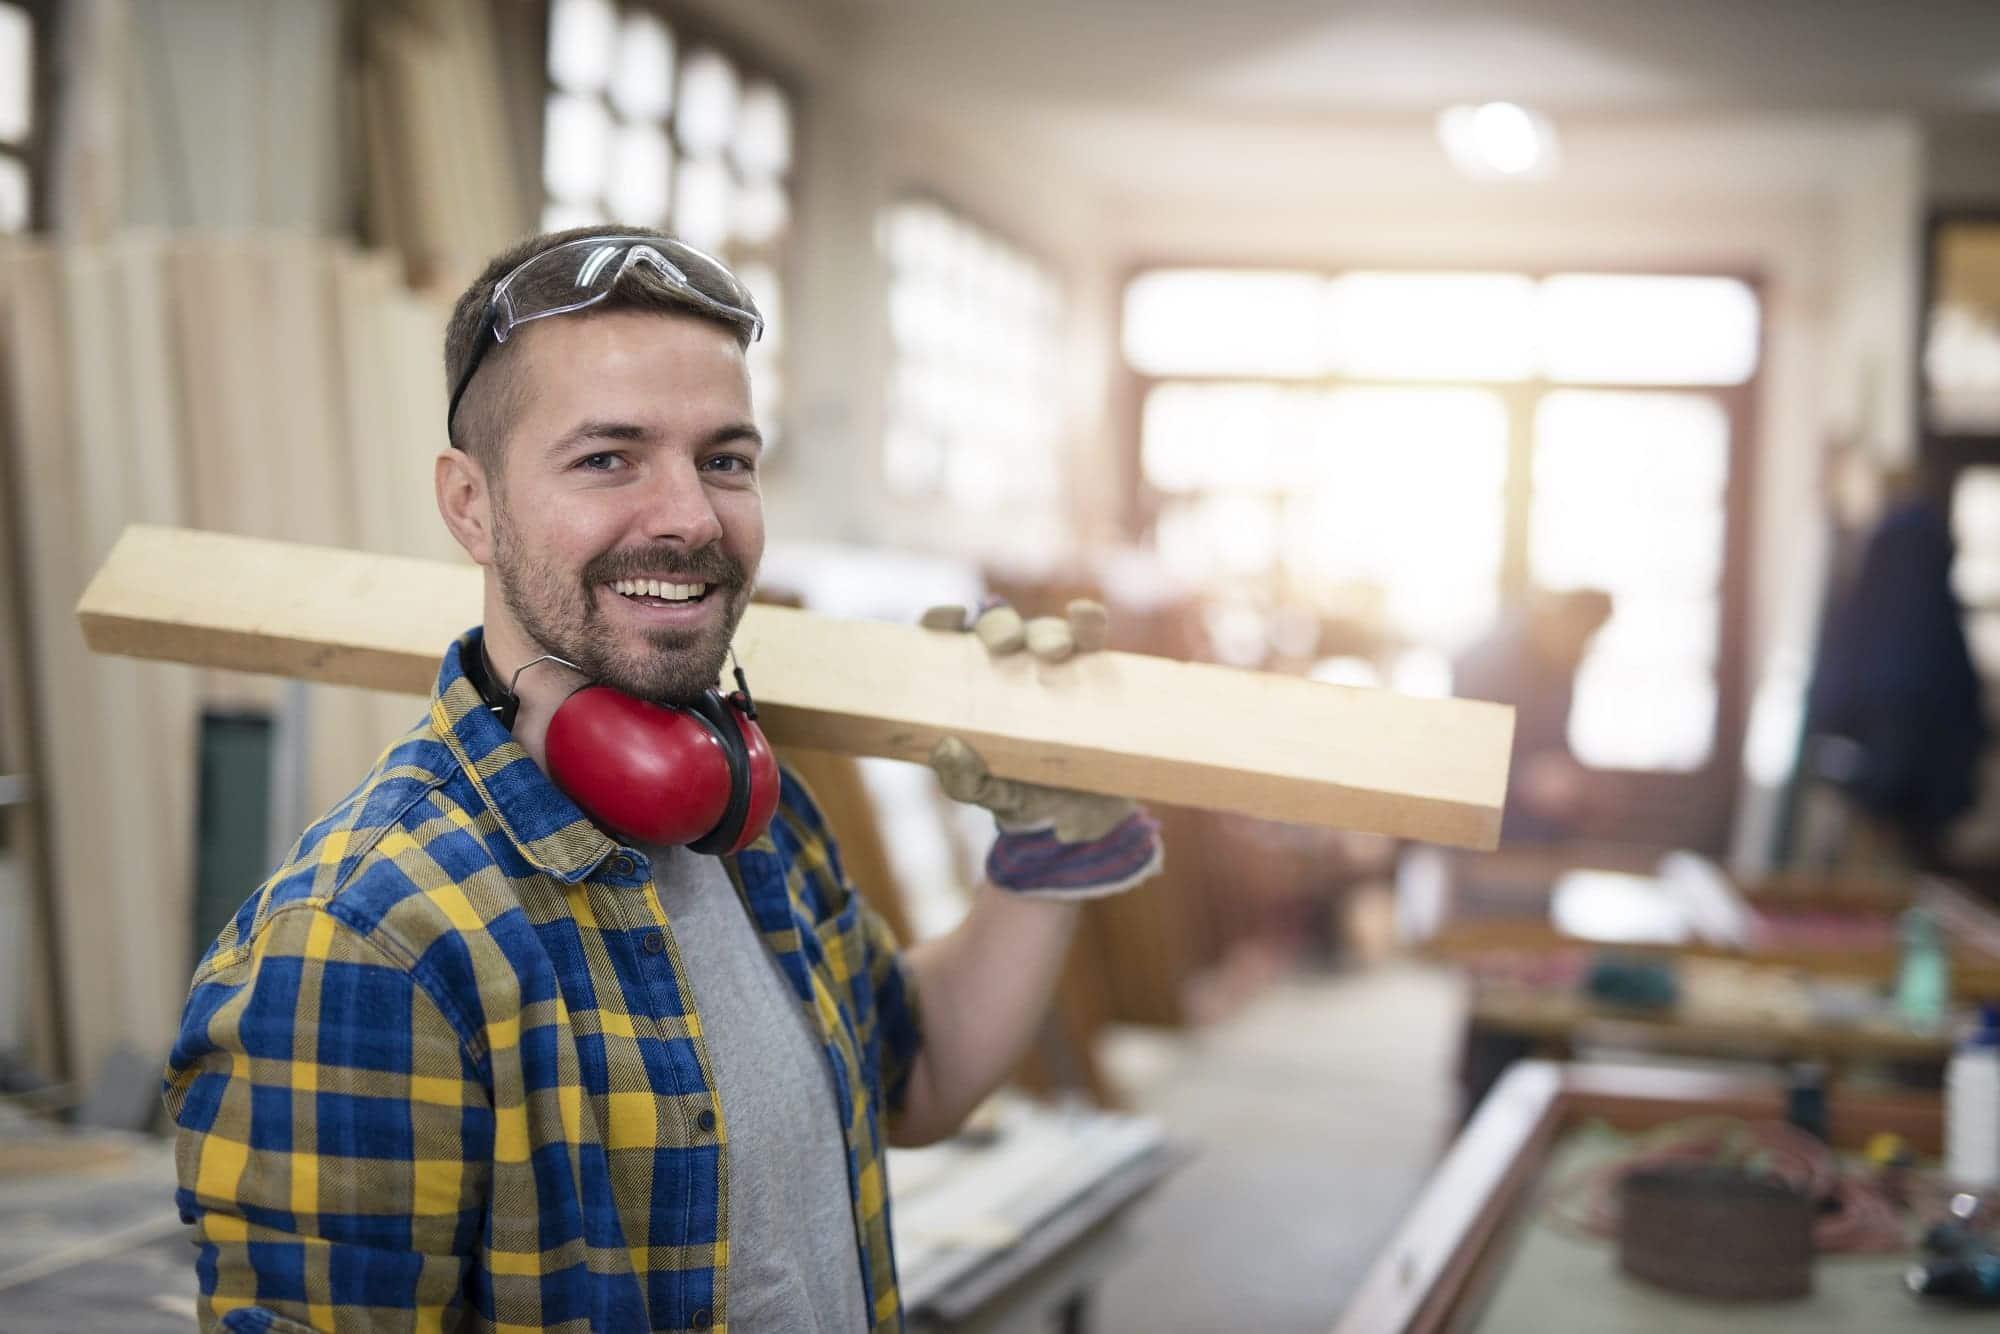 Artisan chef d'entreprise souriant